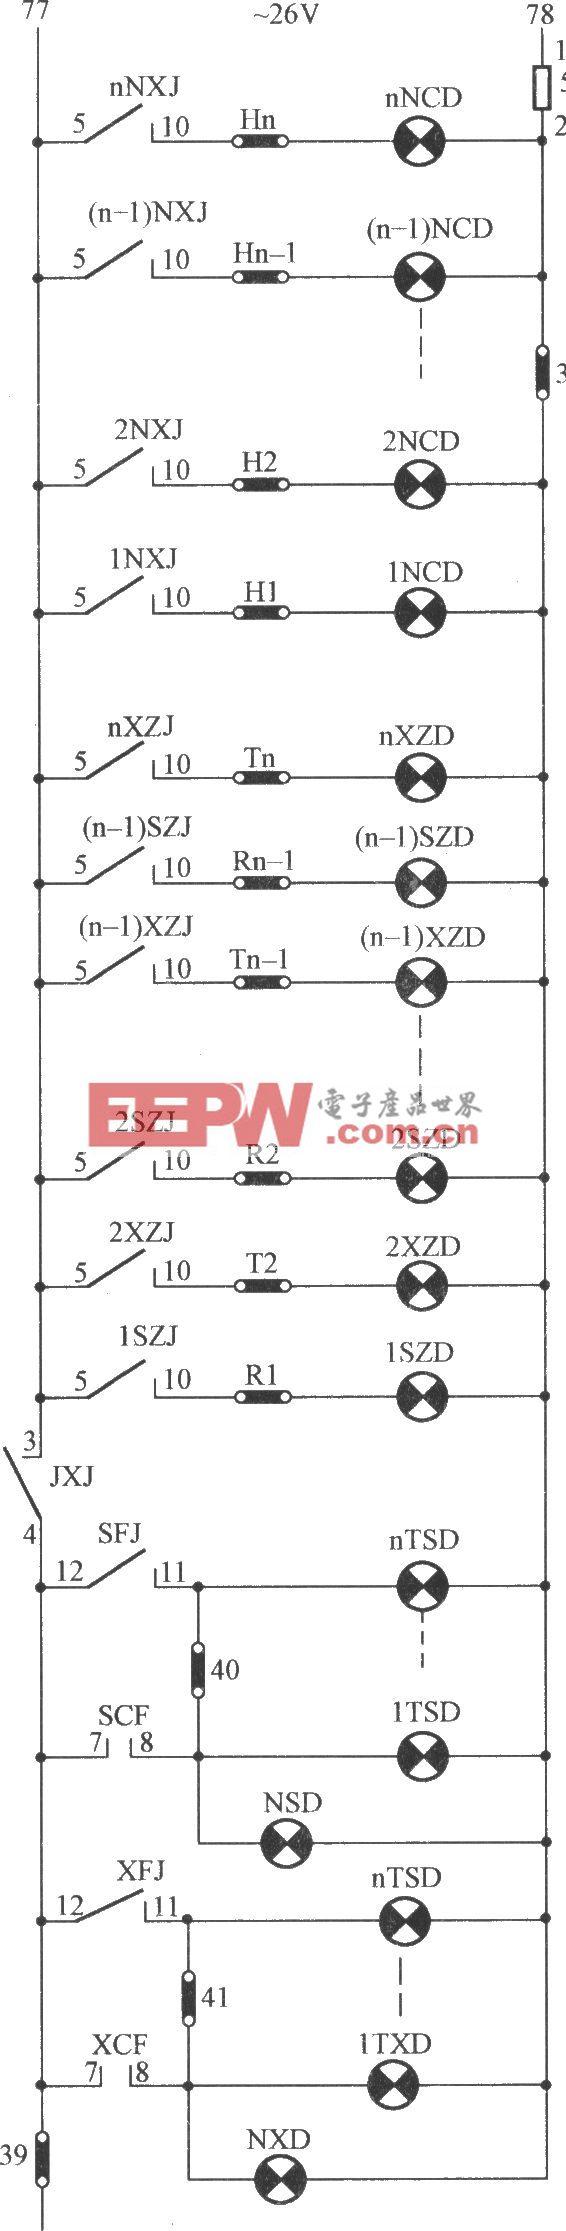 JKH1-771A電梯指示燈電路